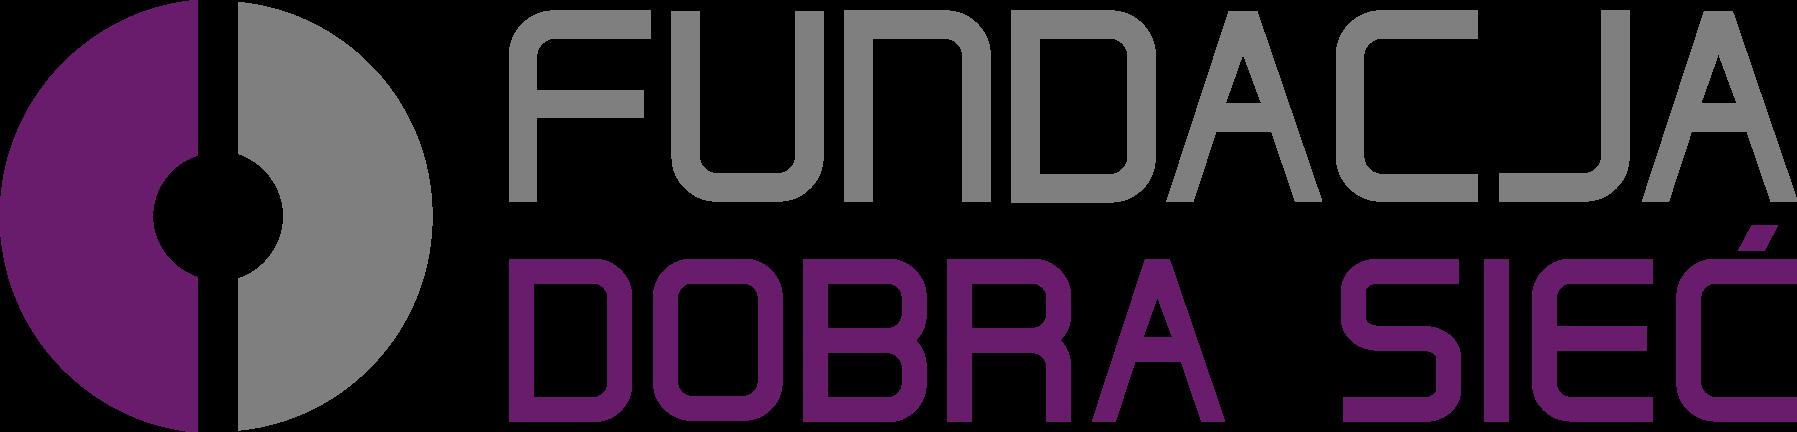 Logotyp Fundacji Dobra Sieć